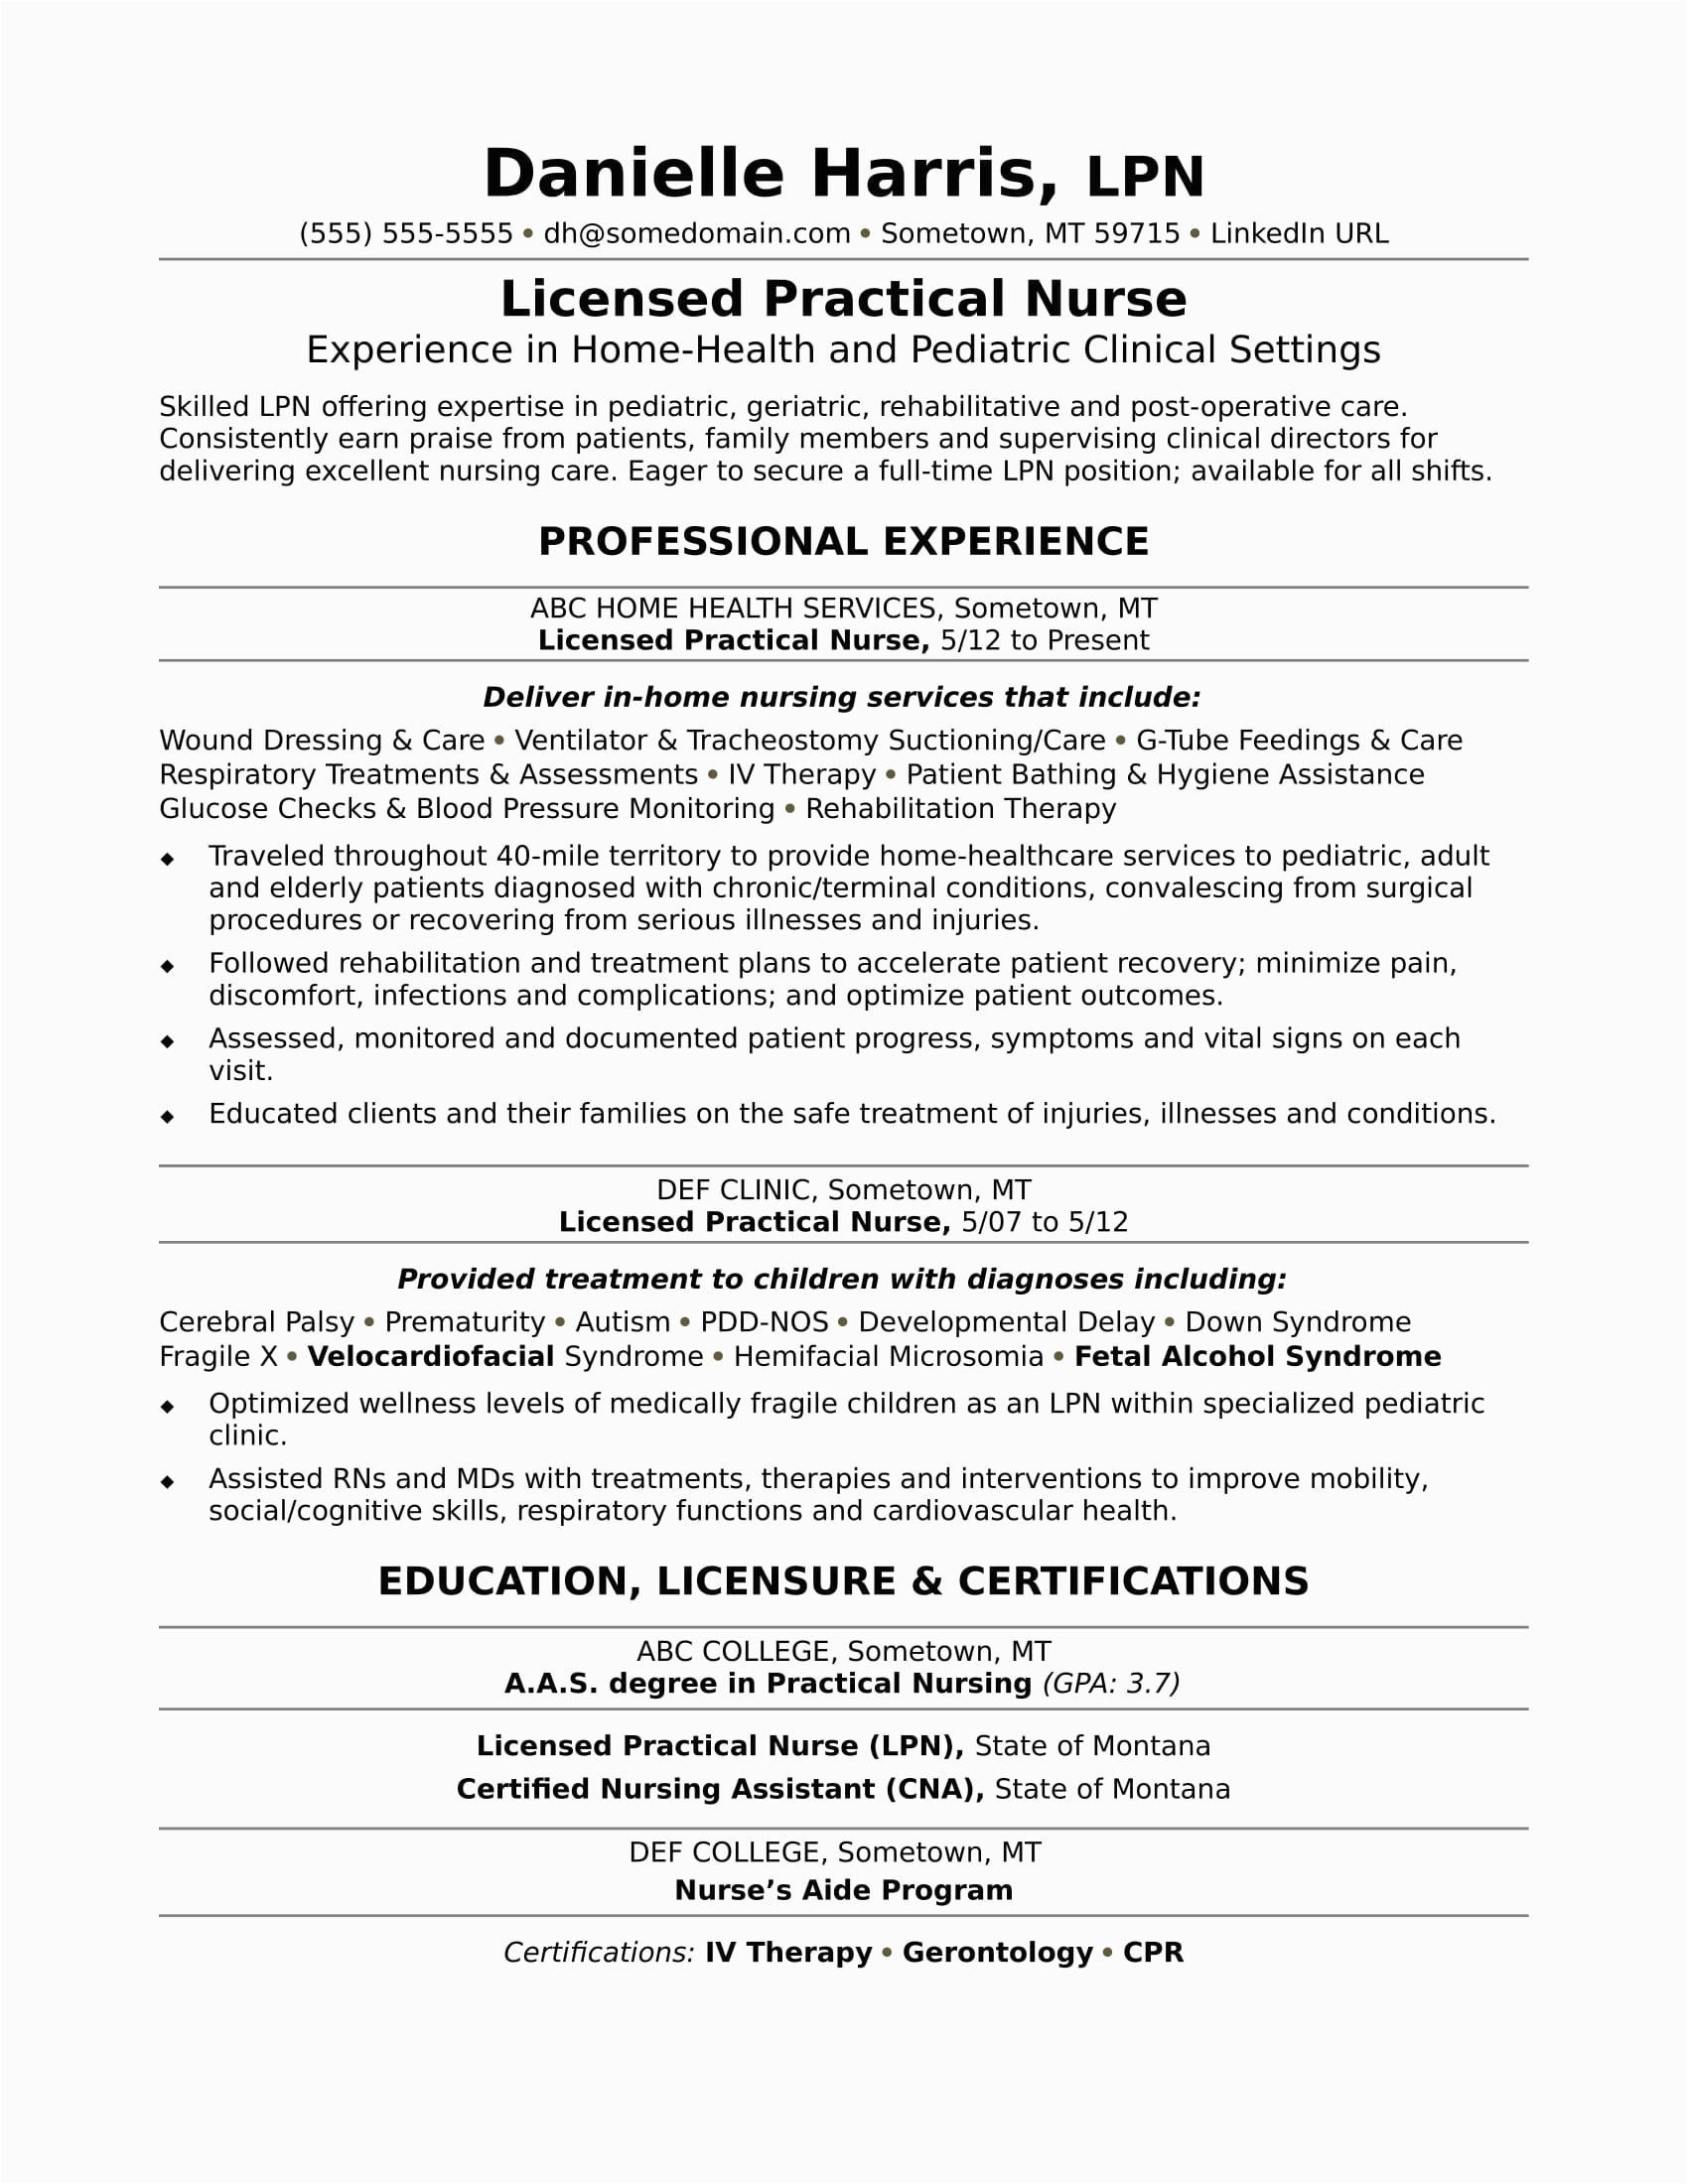 sample resume licensed practical nurse